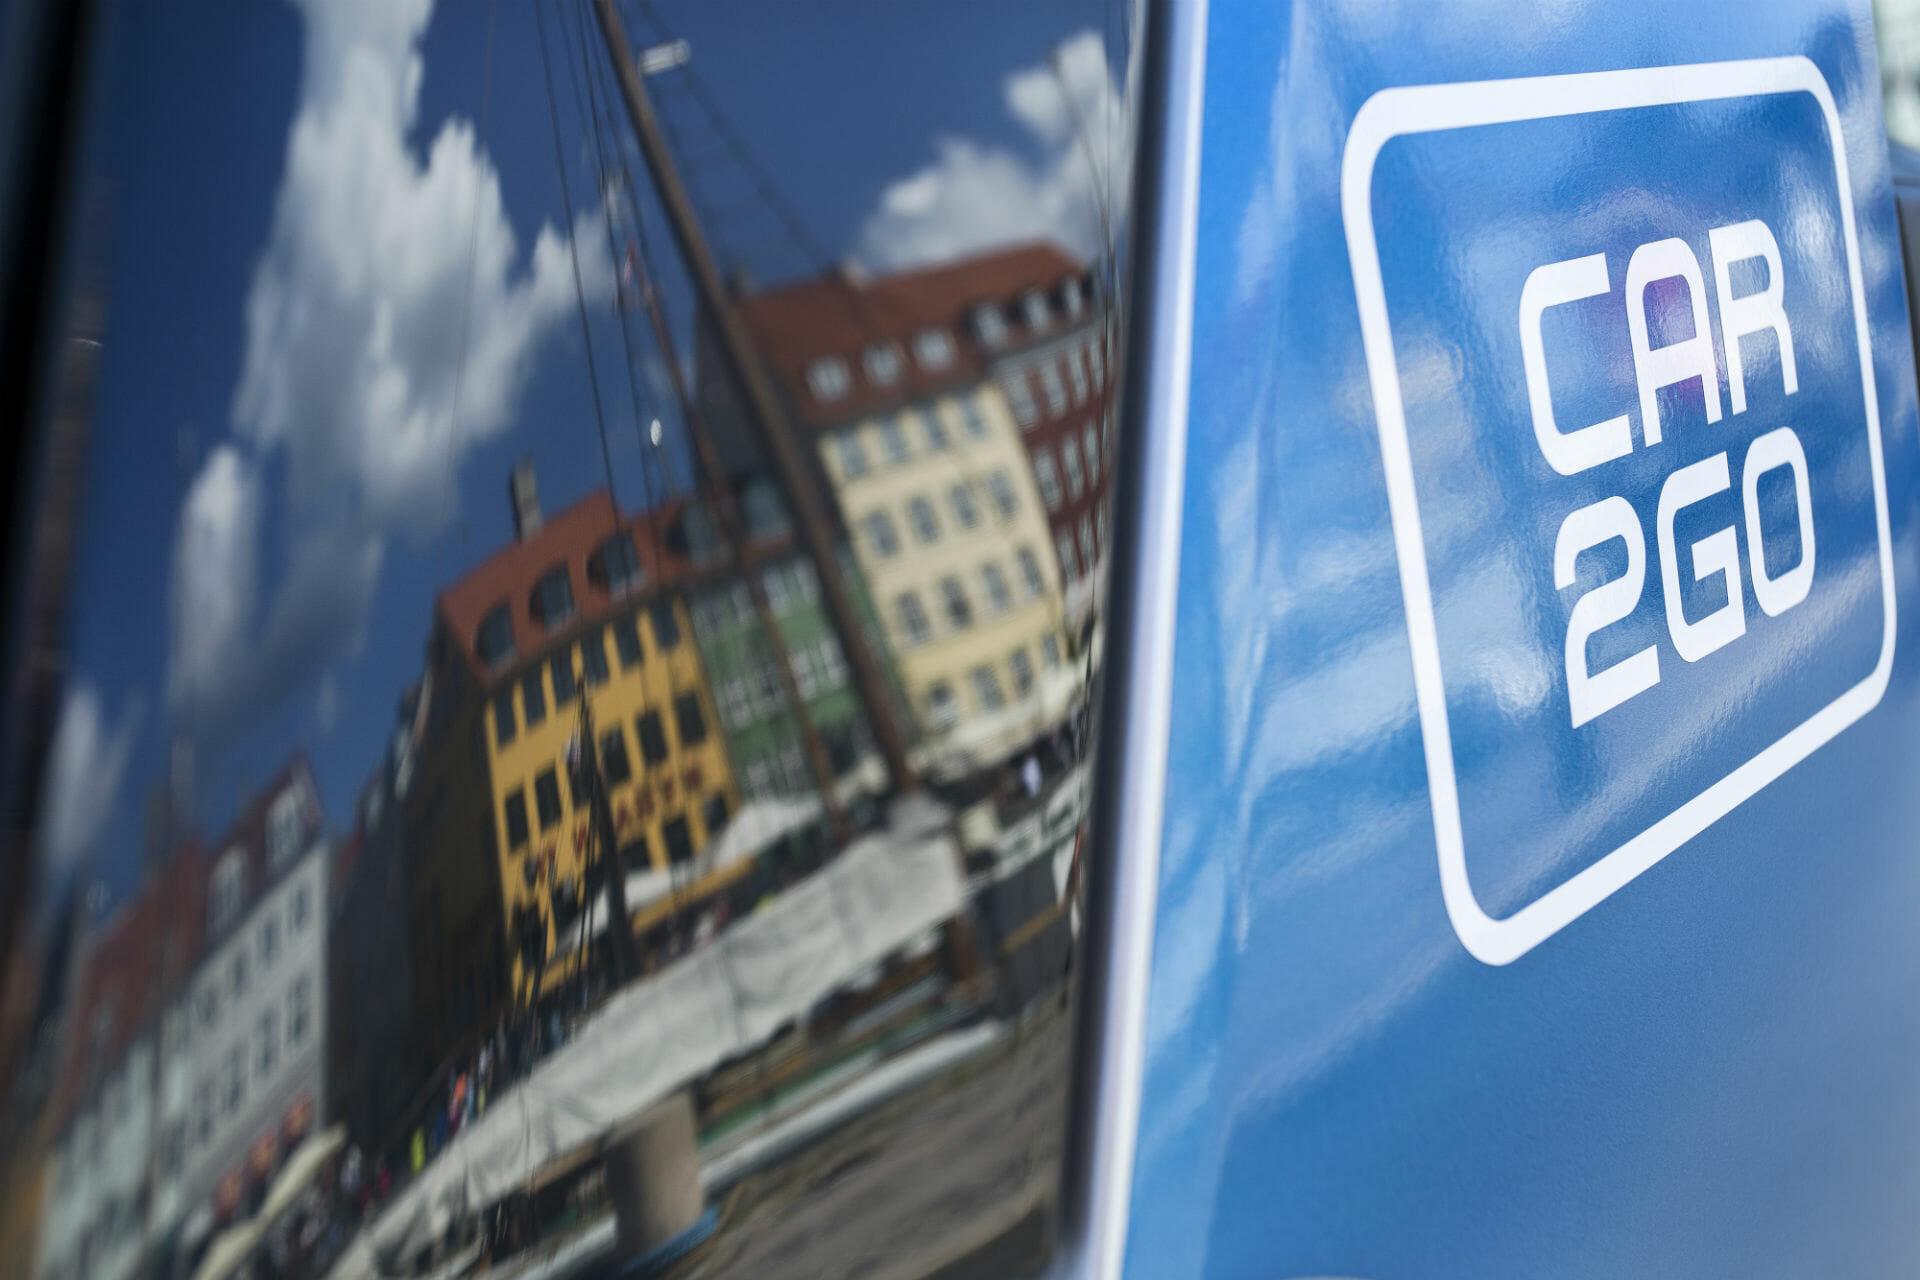 Kopenhagen spiegelt sich in einem car2go